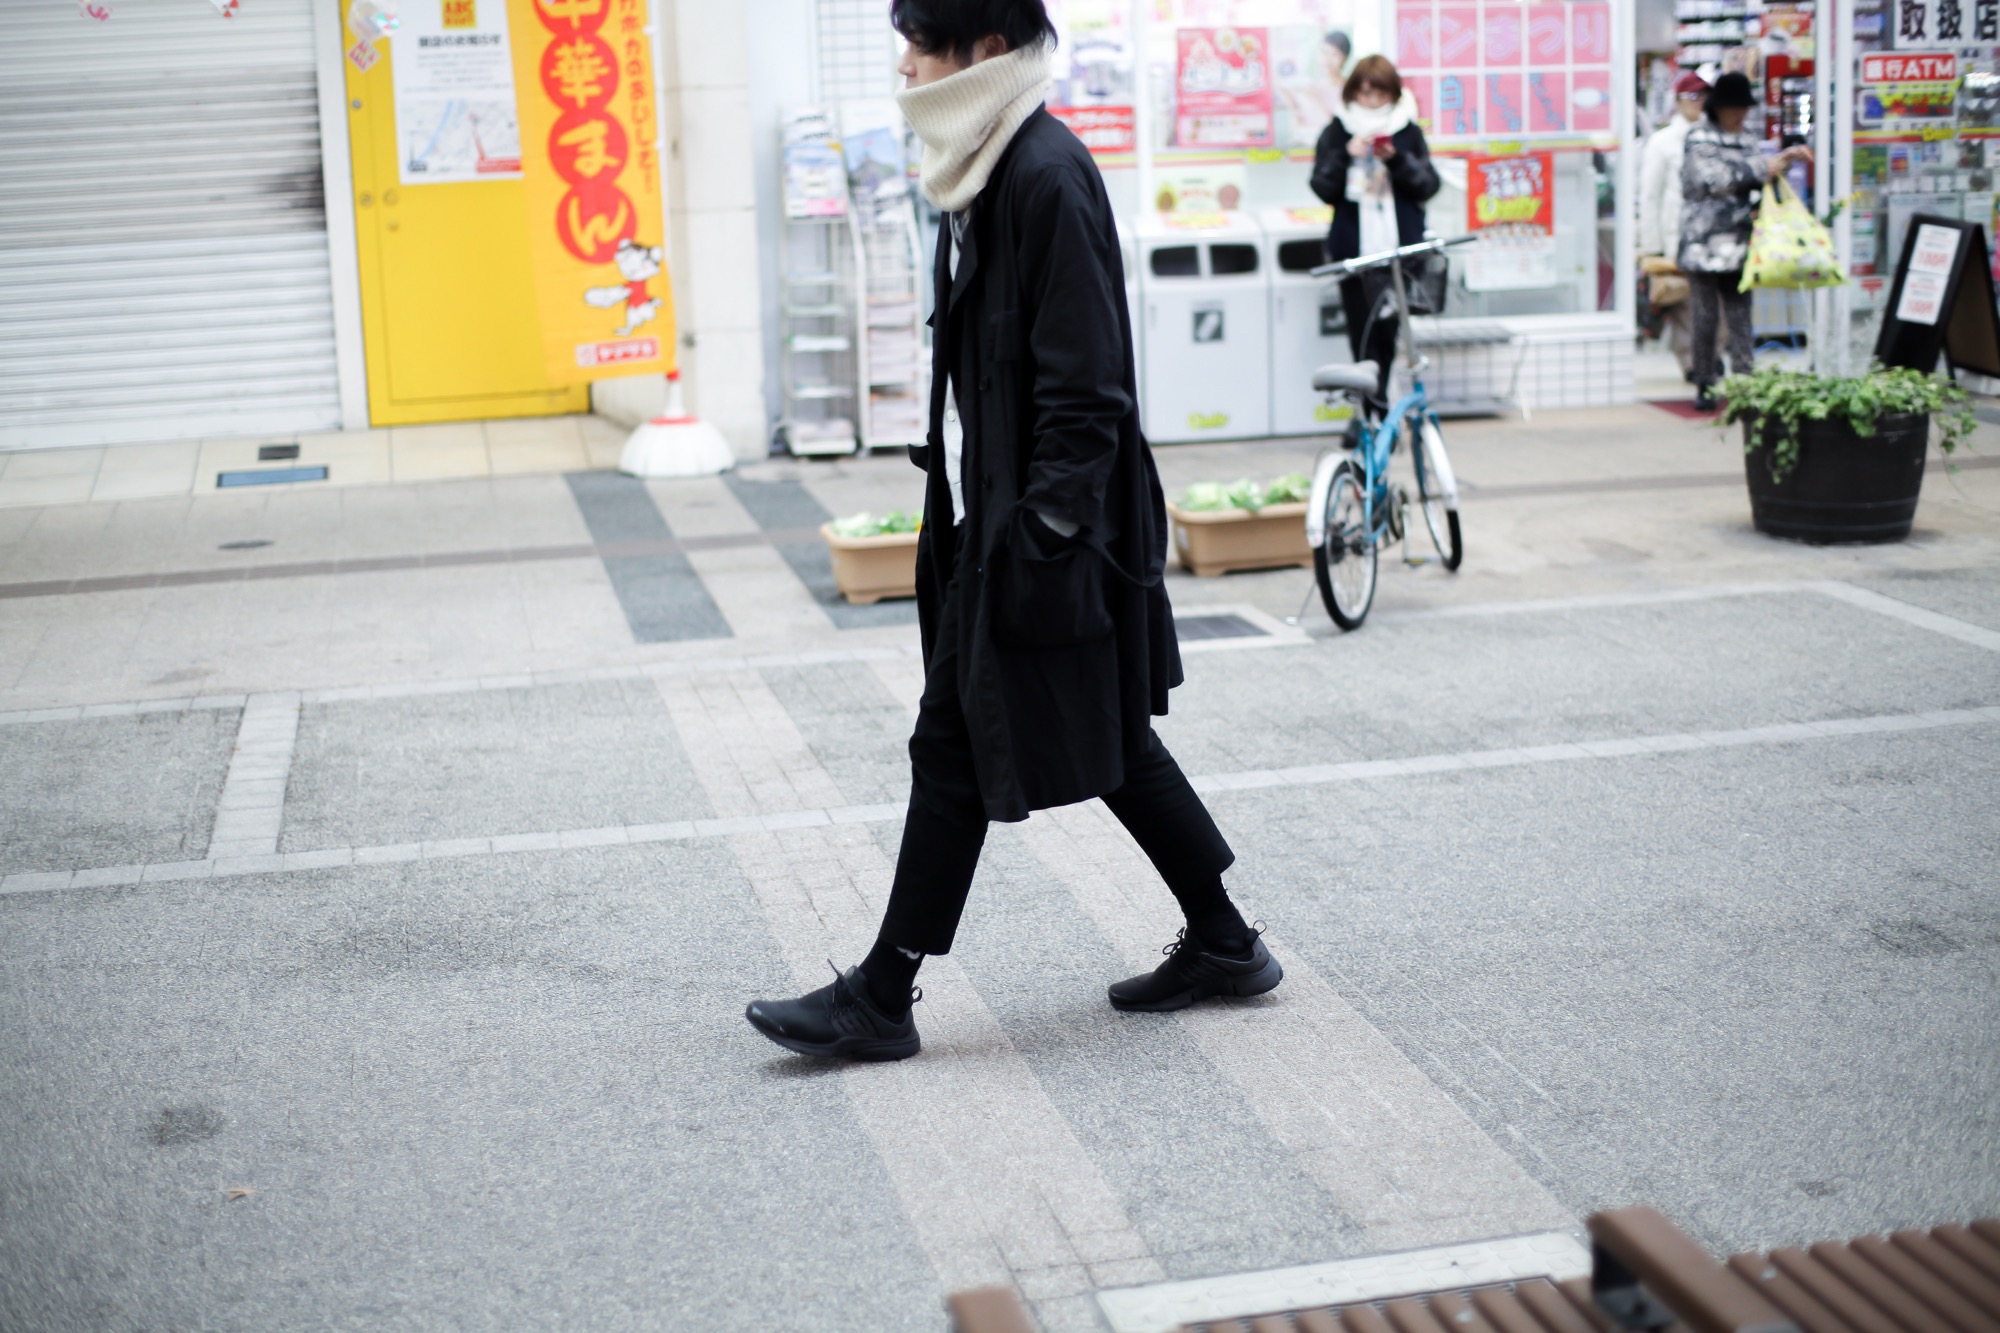 look_kyoukore15_20